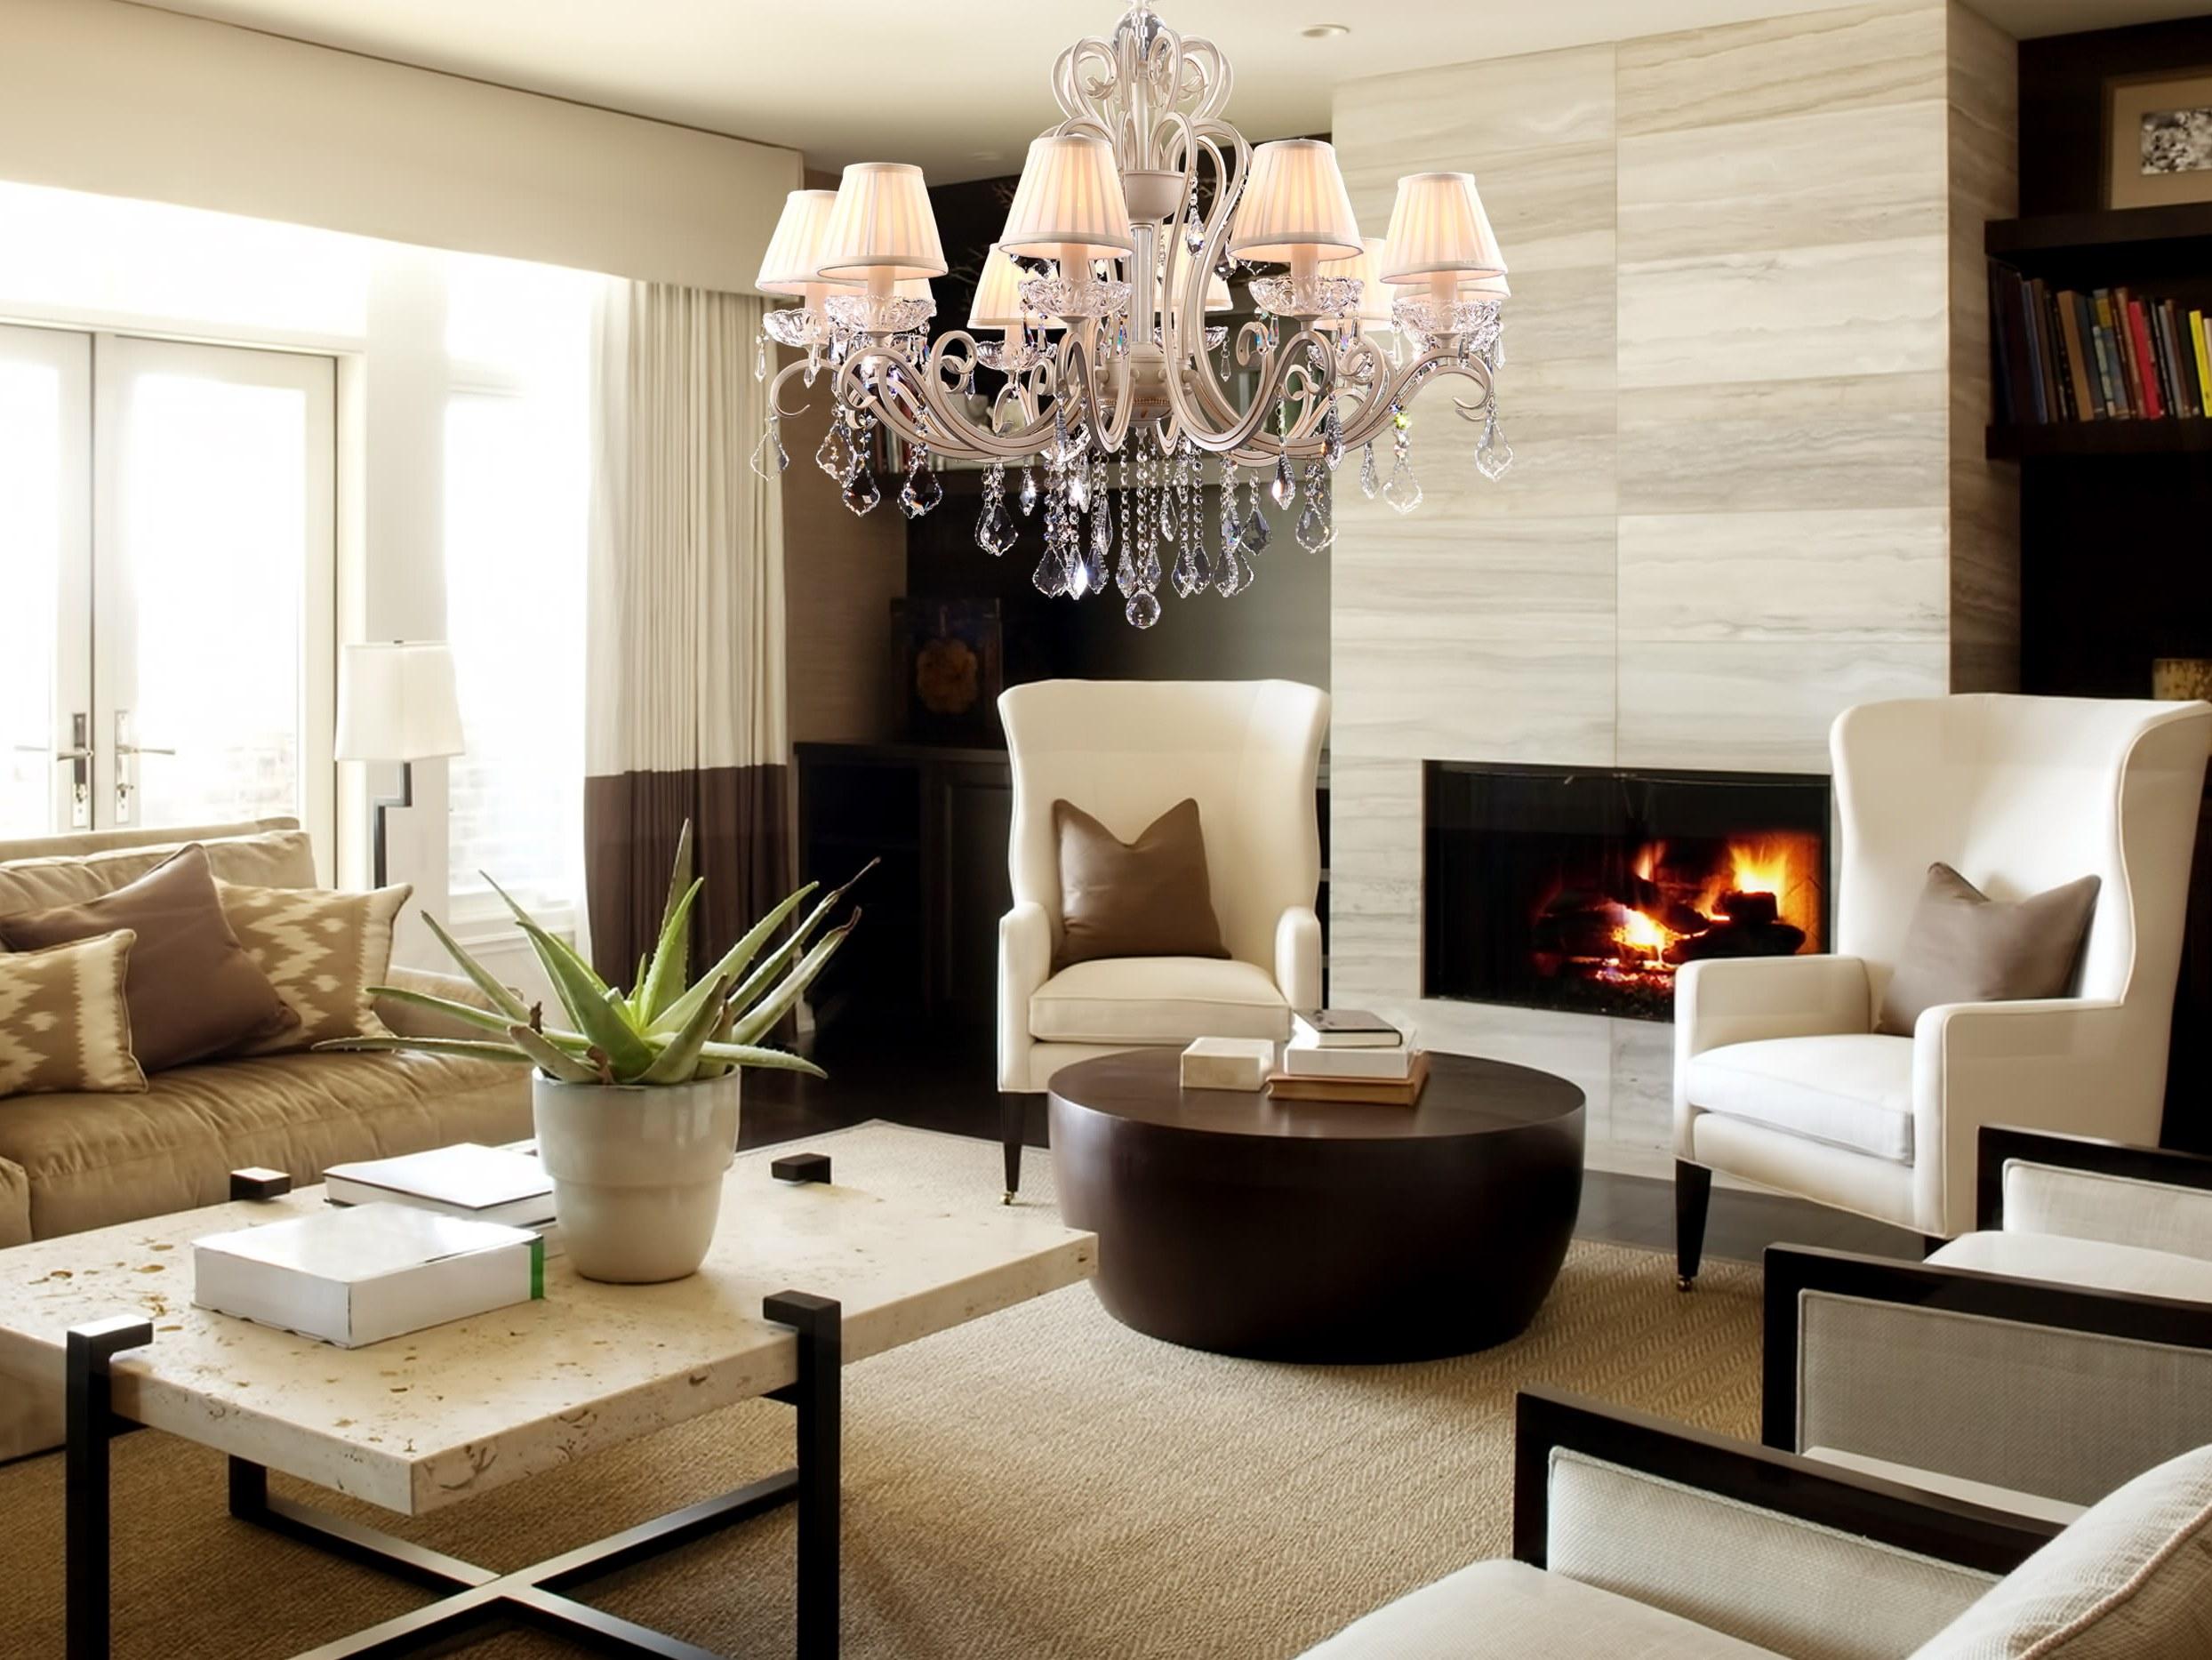 Рекомендации по применению бетона в дизайне жилого помещения